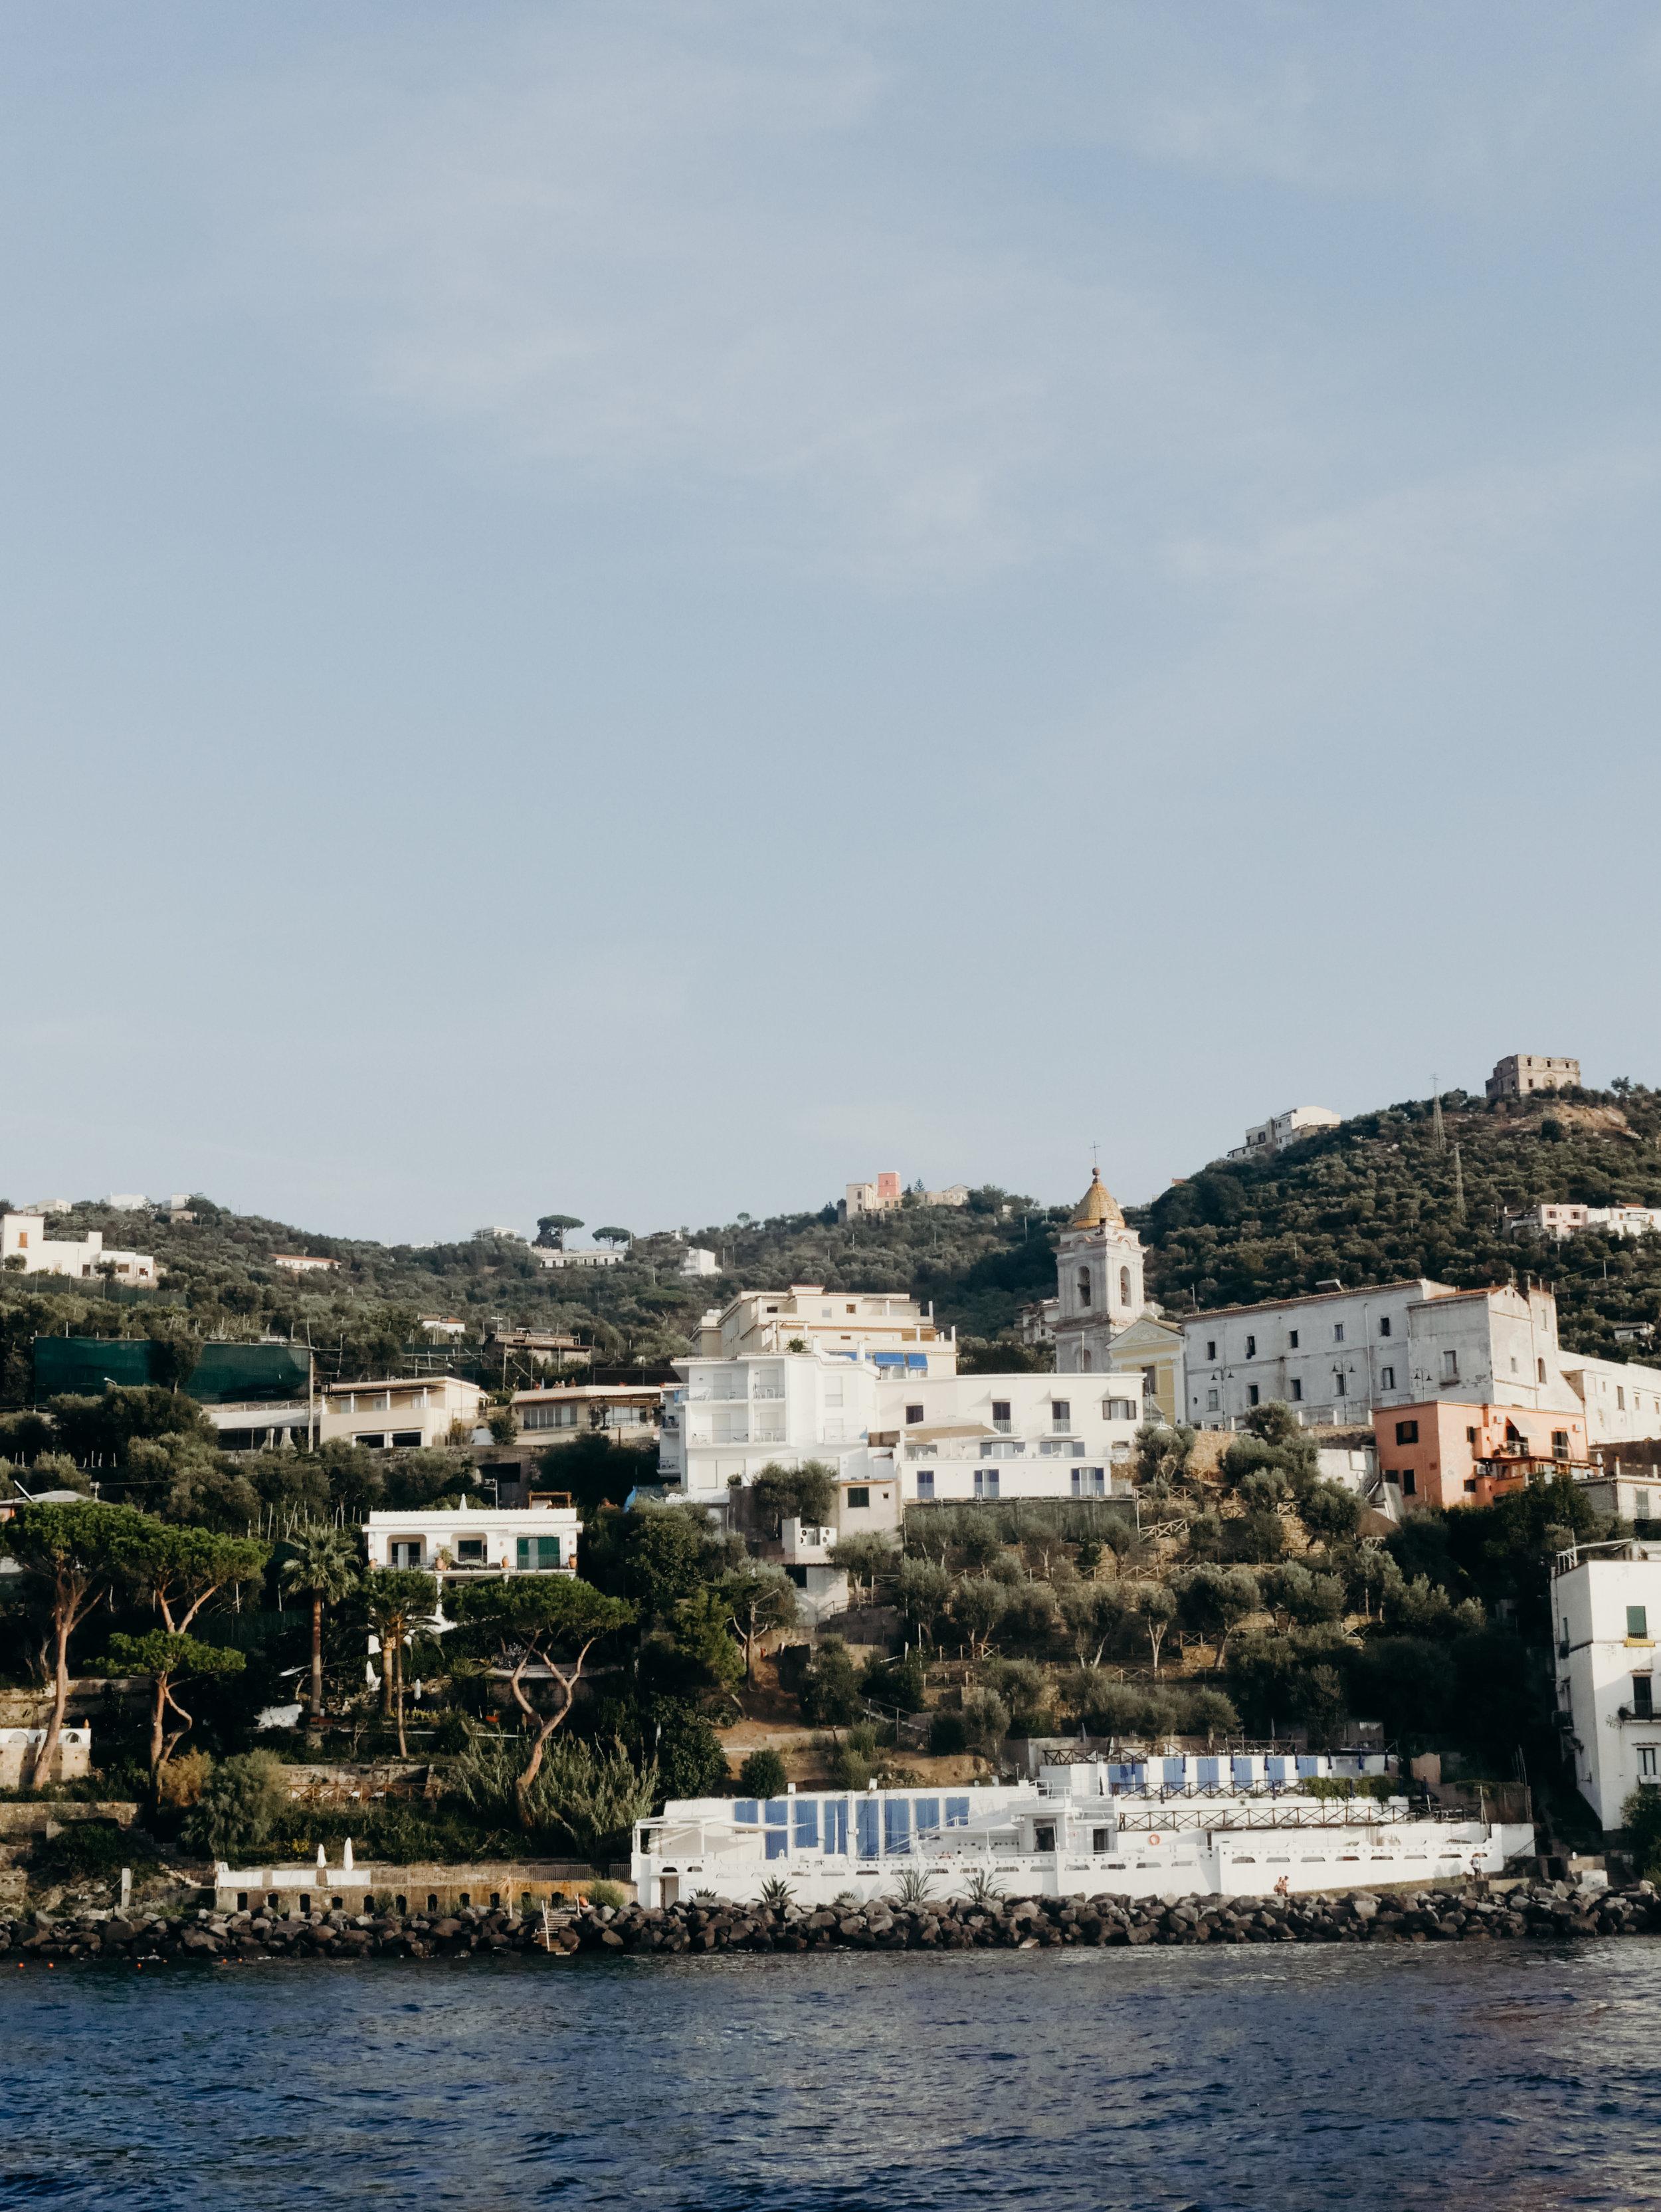 Amalfi Coast Boat Tour